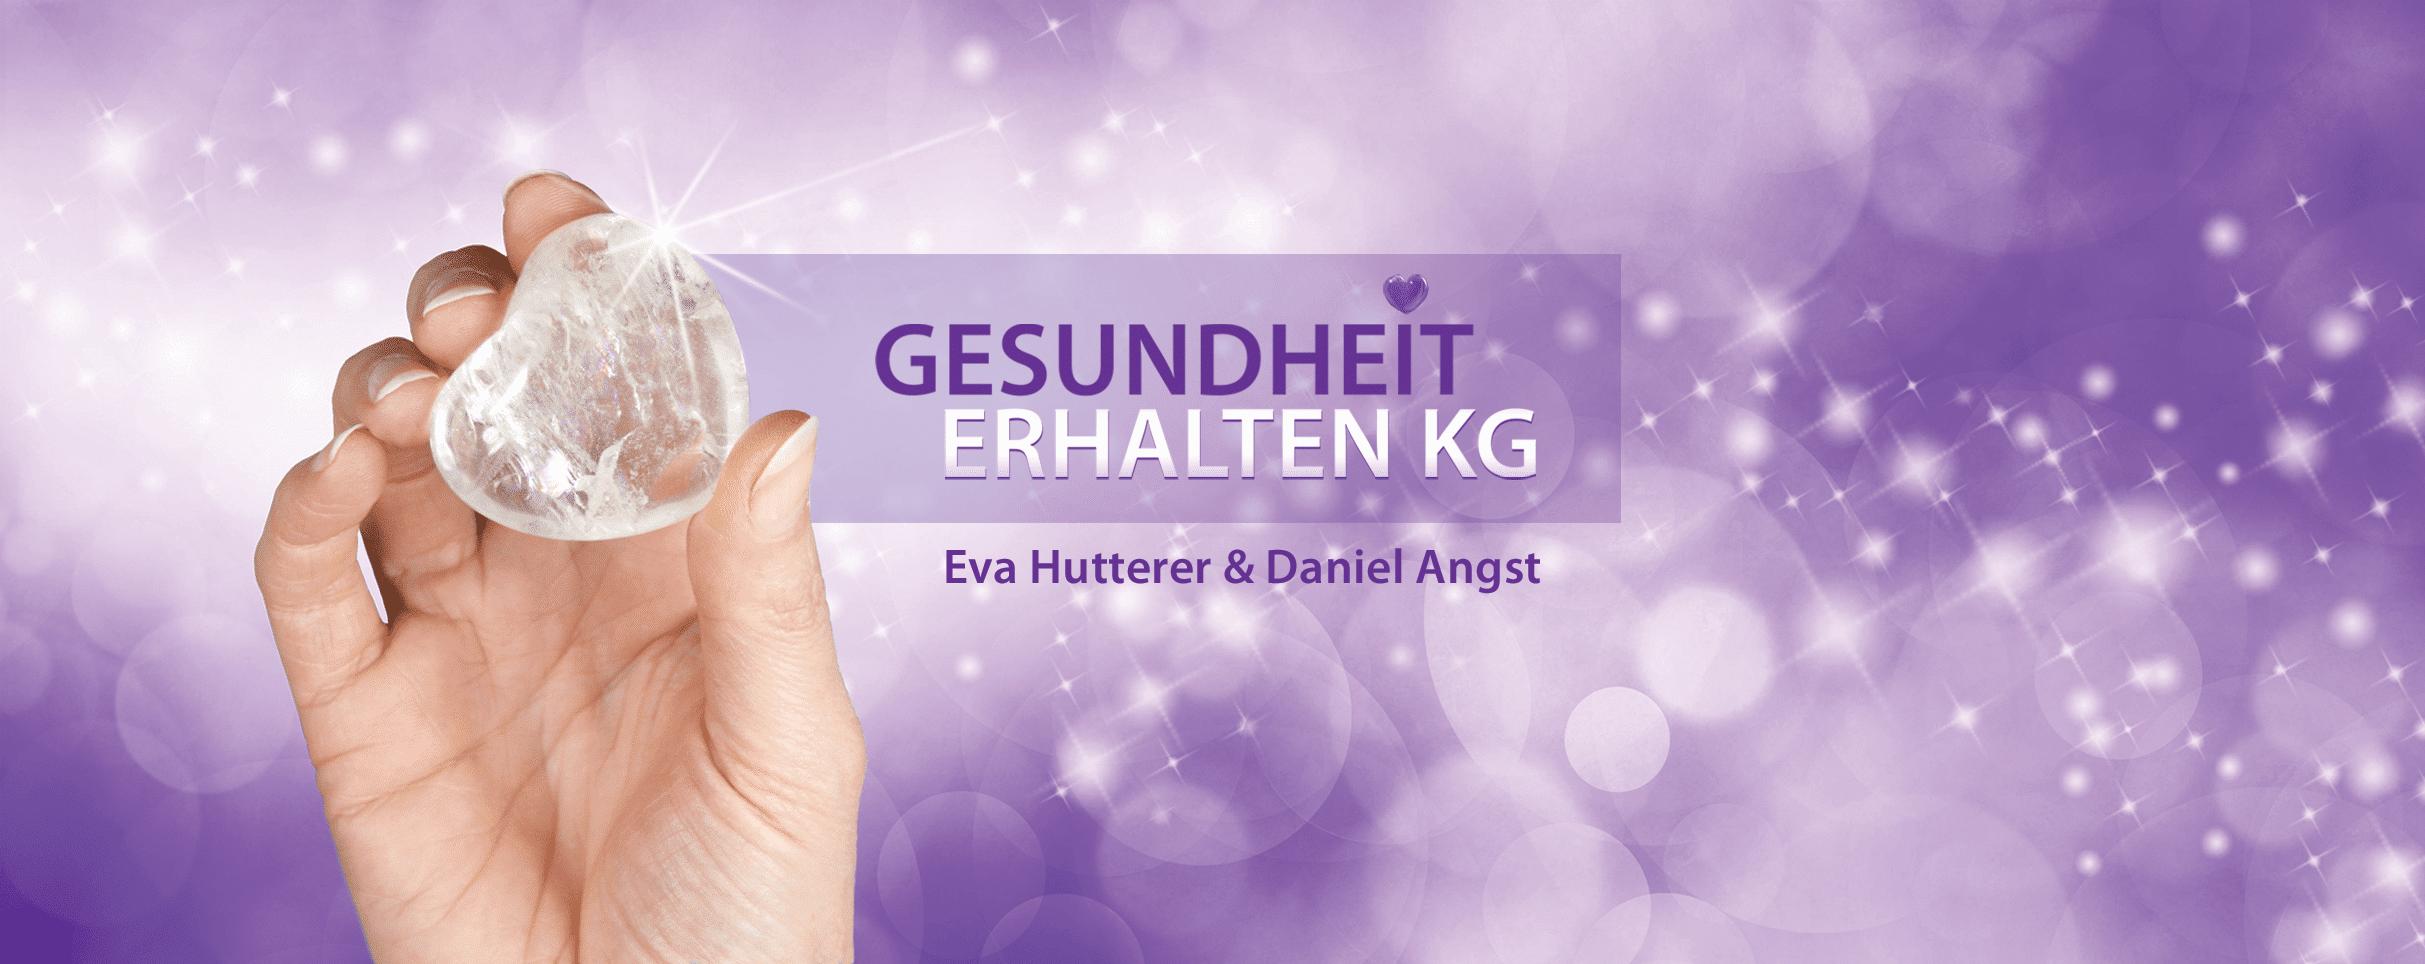 Gesundheit erhalten KG Eva Hutterer und Daniel Angst Header